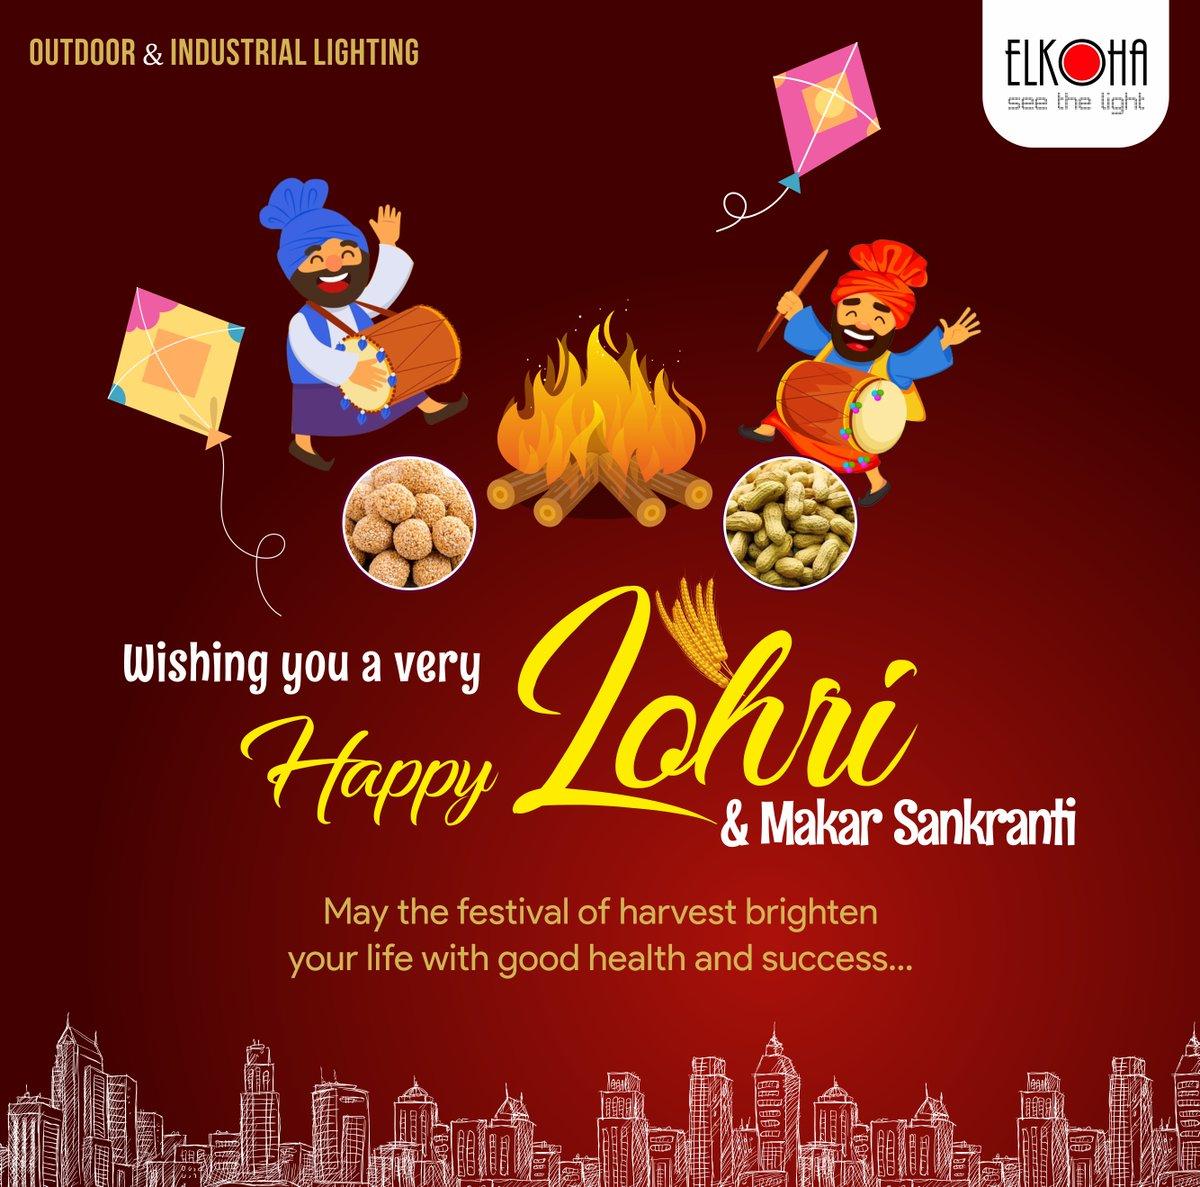 Seasons Greetings from Elkoha.  Happy Lohri & Makar Sankranti_2021 #happylohri #lohri #festival #happy #lohricelebration #celebration #india #makarsankranti #lohrifestival #happymakarsankranti #elkoha #Lighting #LED #LEDlighting #Elcomponics #ledlightingsystems #LEDlights #light https://t.co/jjZedJdQsx